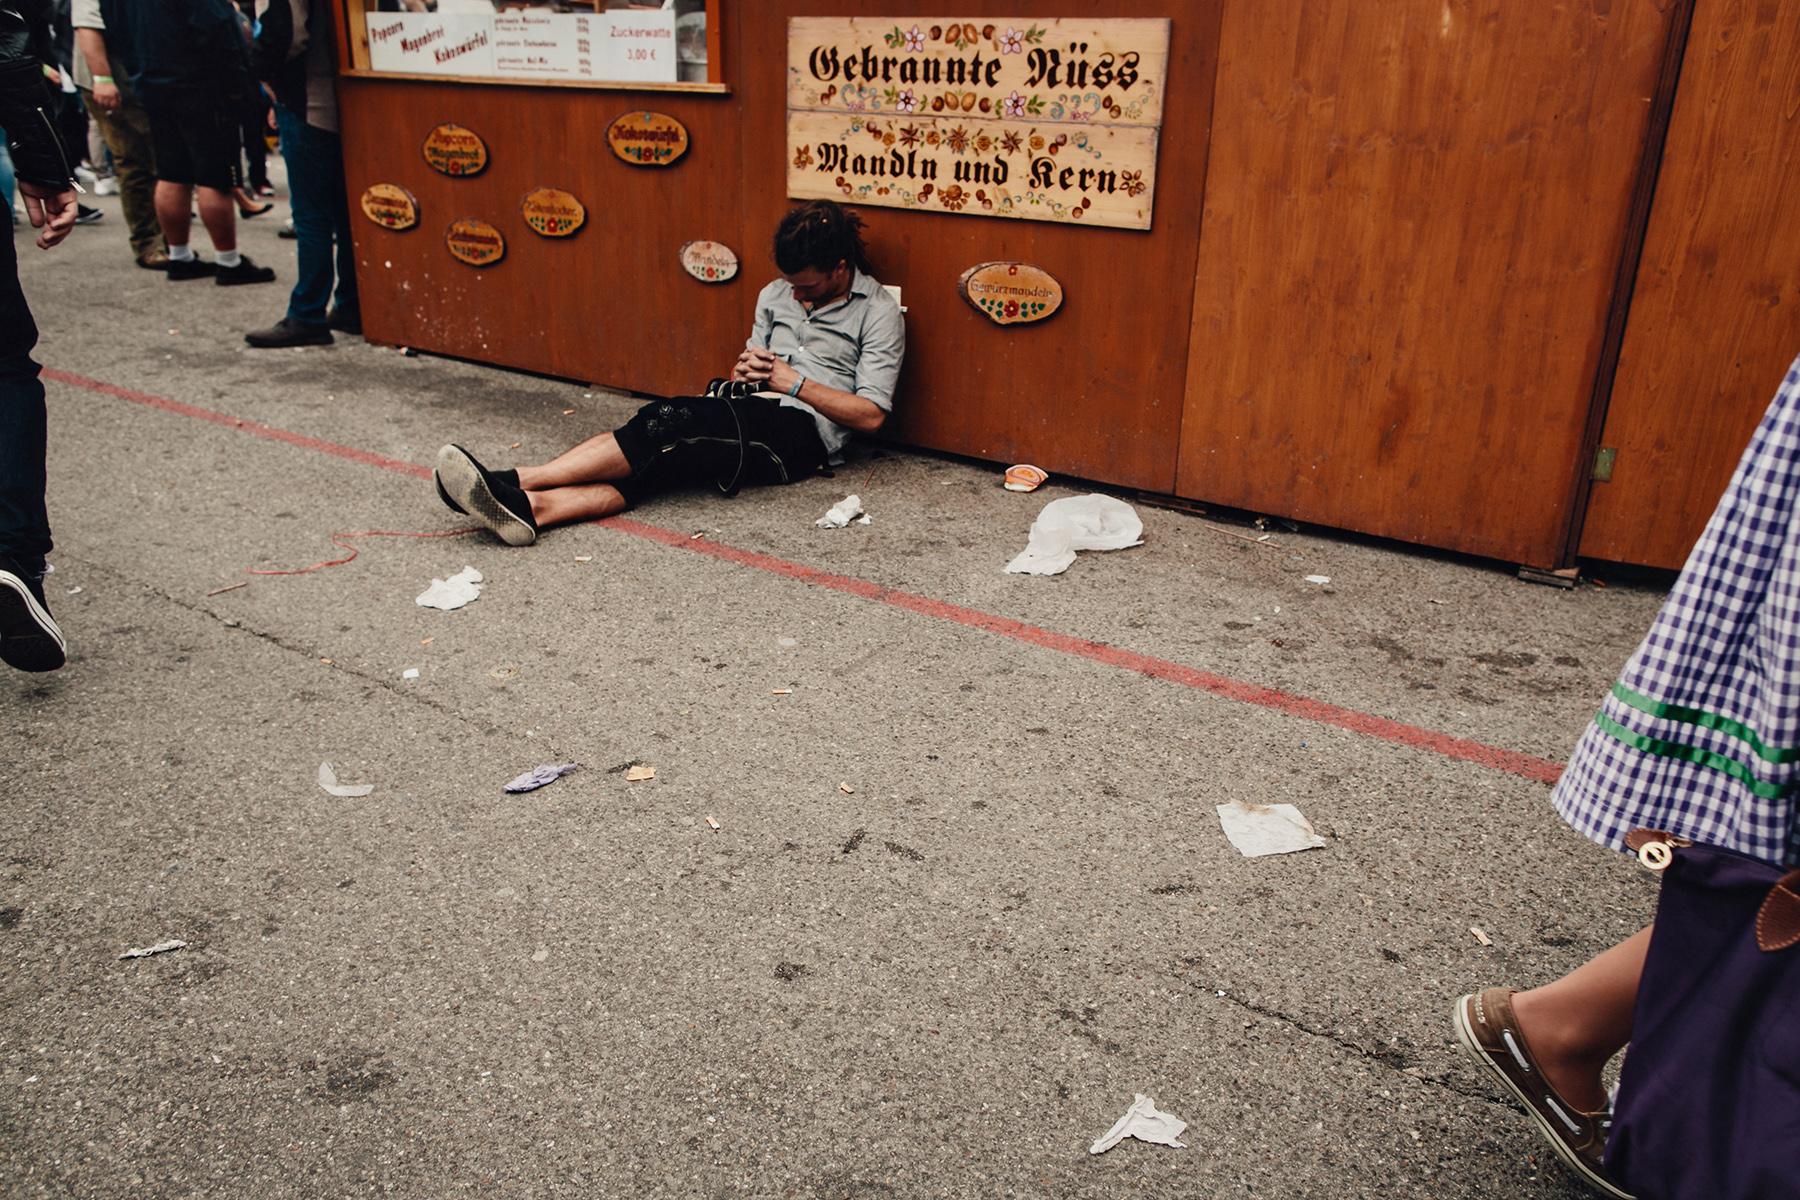 Oktoberfest-Photographs-Munich-0011.jpg